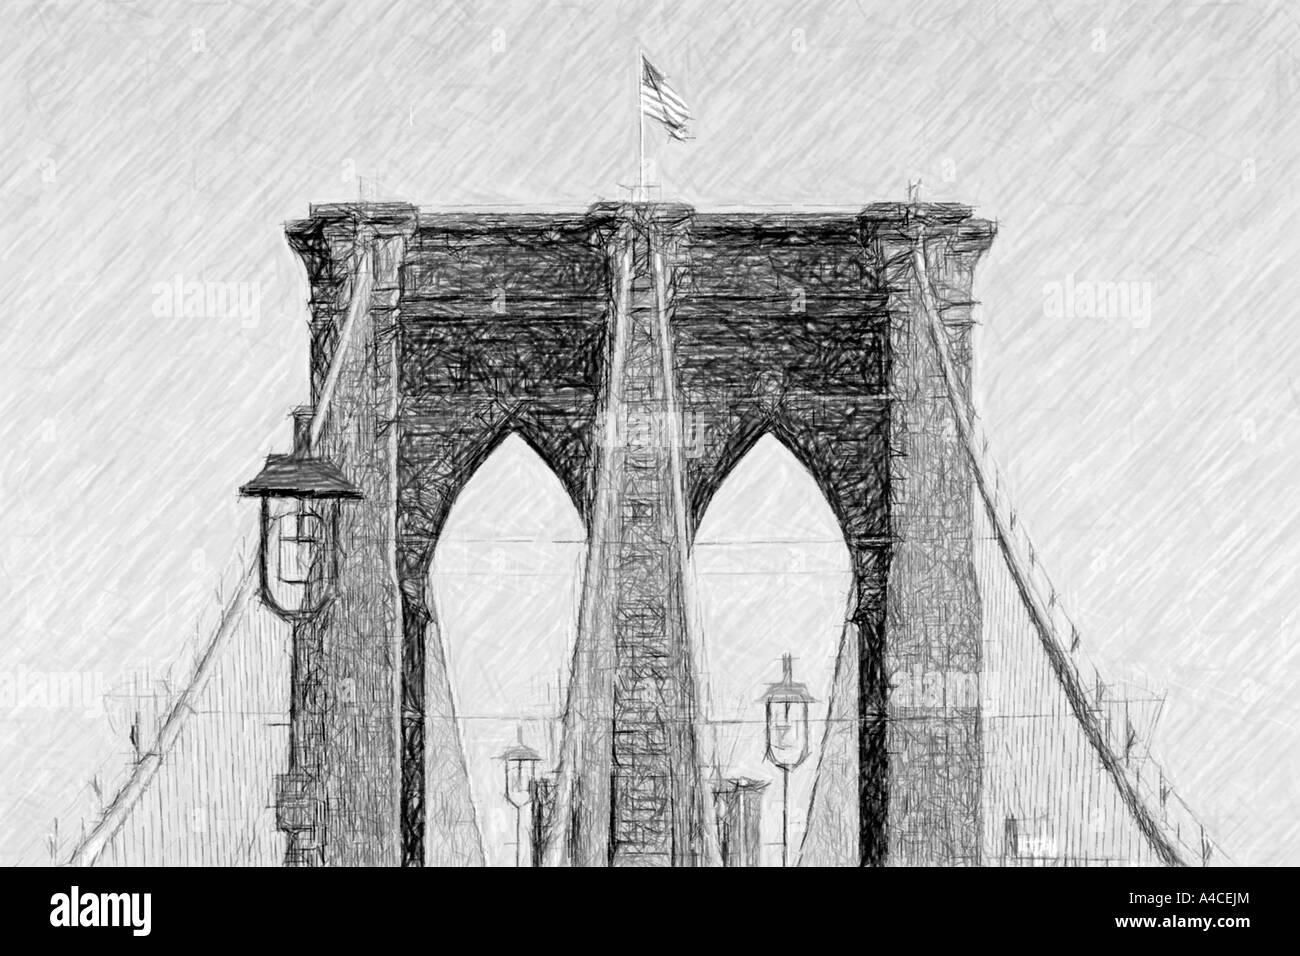 Ponte di Brooklyn come carbone o disegno, reso digitalmente Immagini Stock